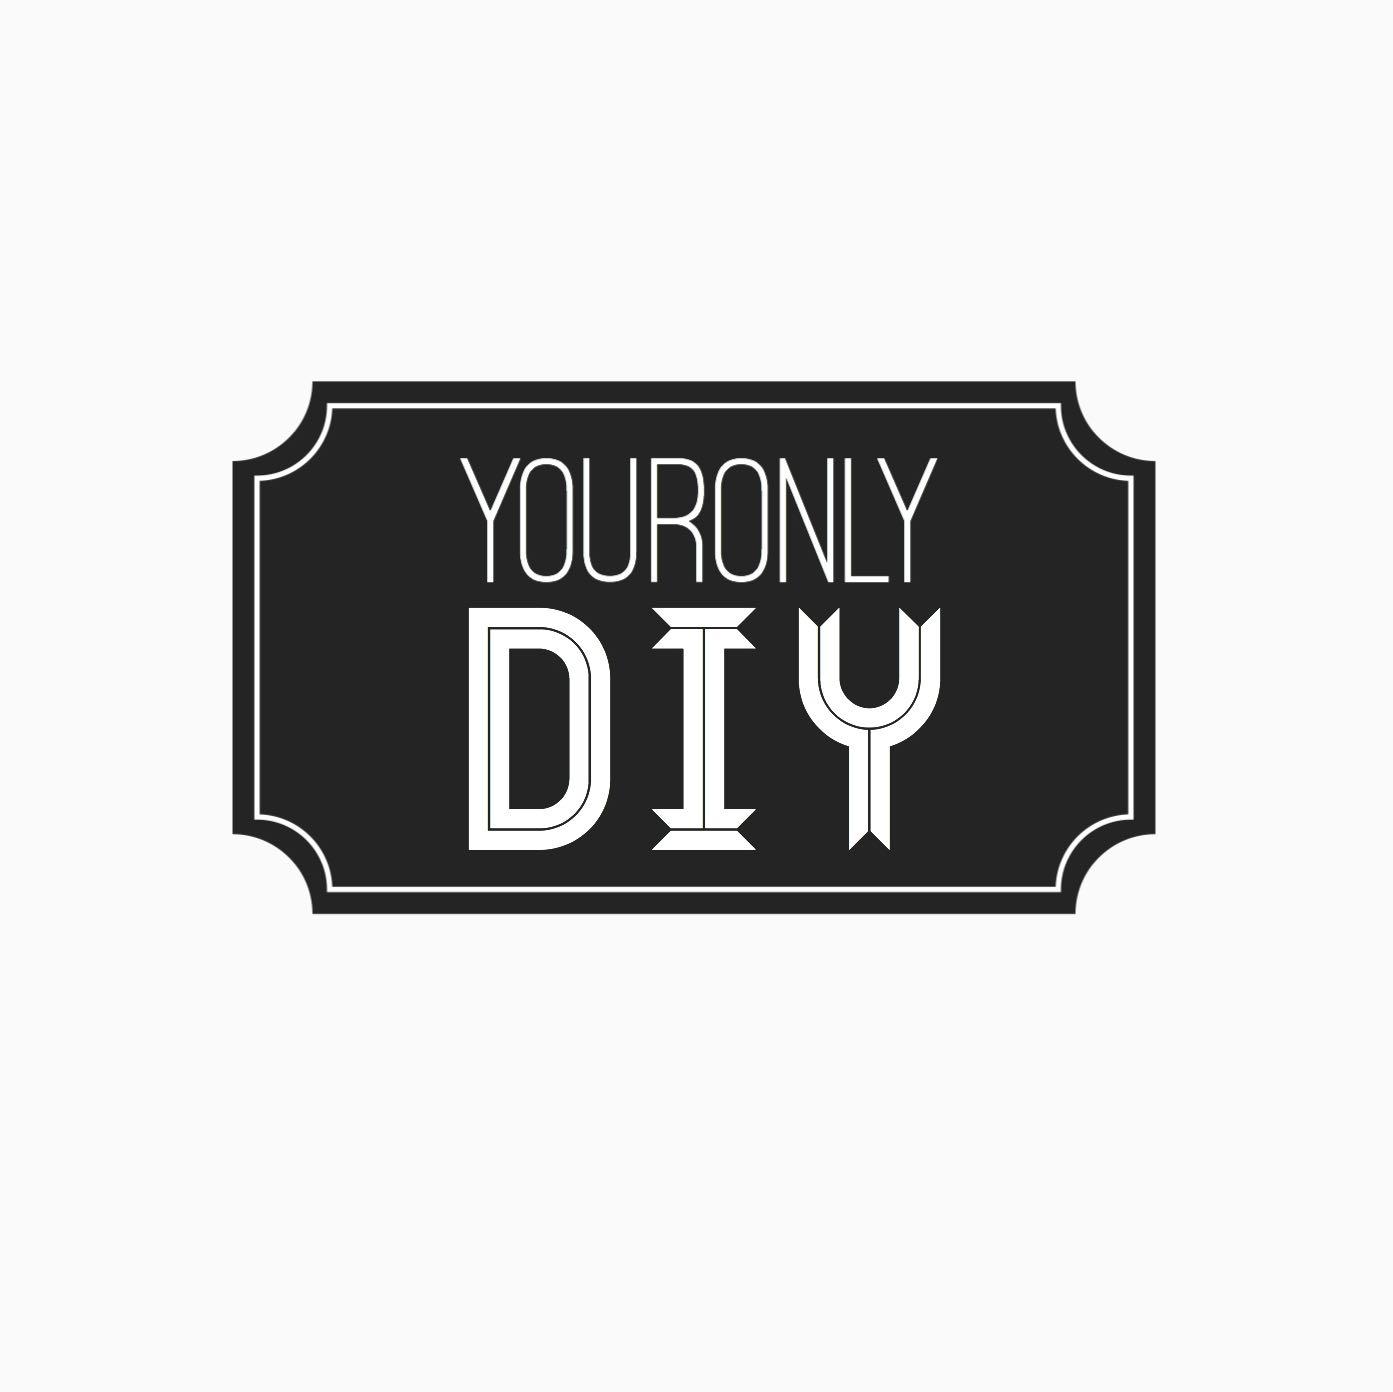 youronlydiy